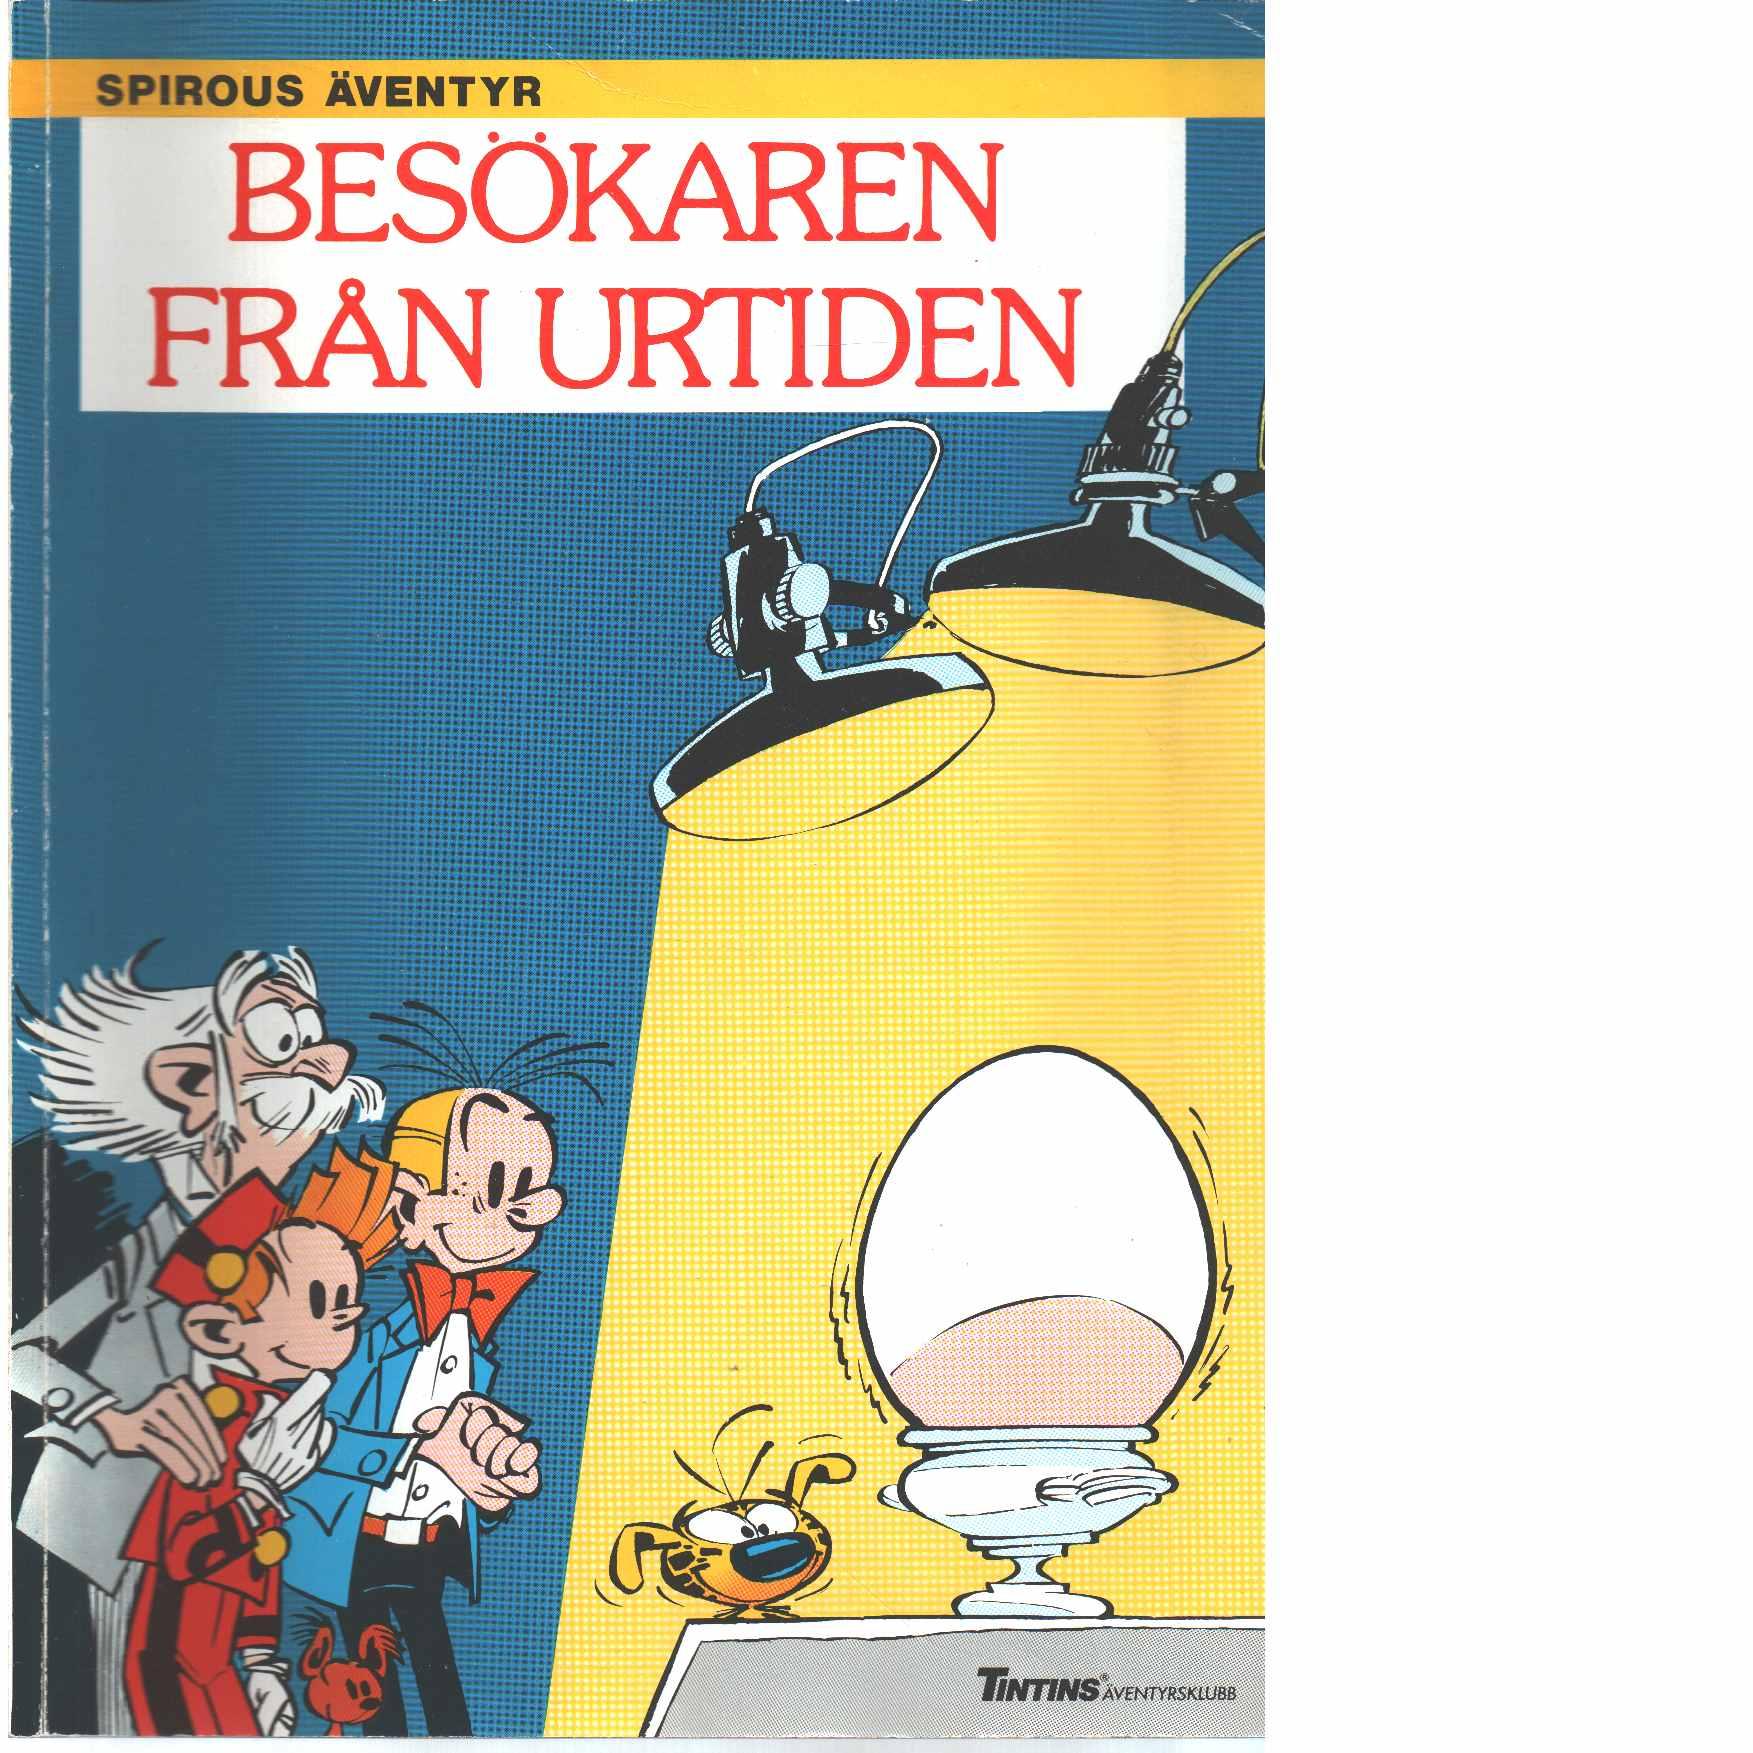 Spirous äventyr  :Besökaren från urtiden - Franquin, André och Jidéhem samt  Greg, Michel